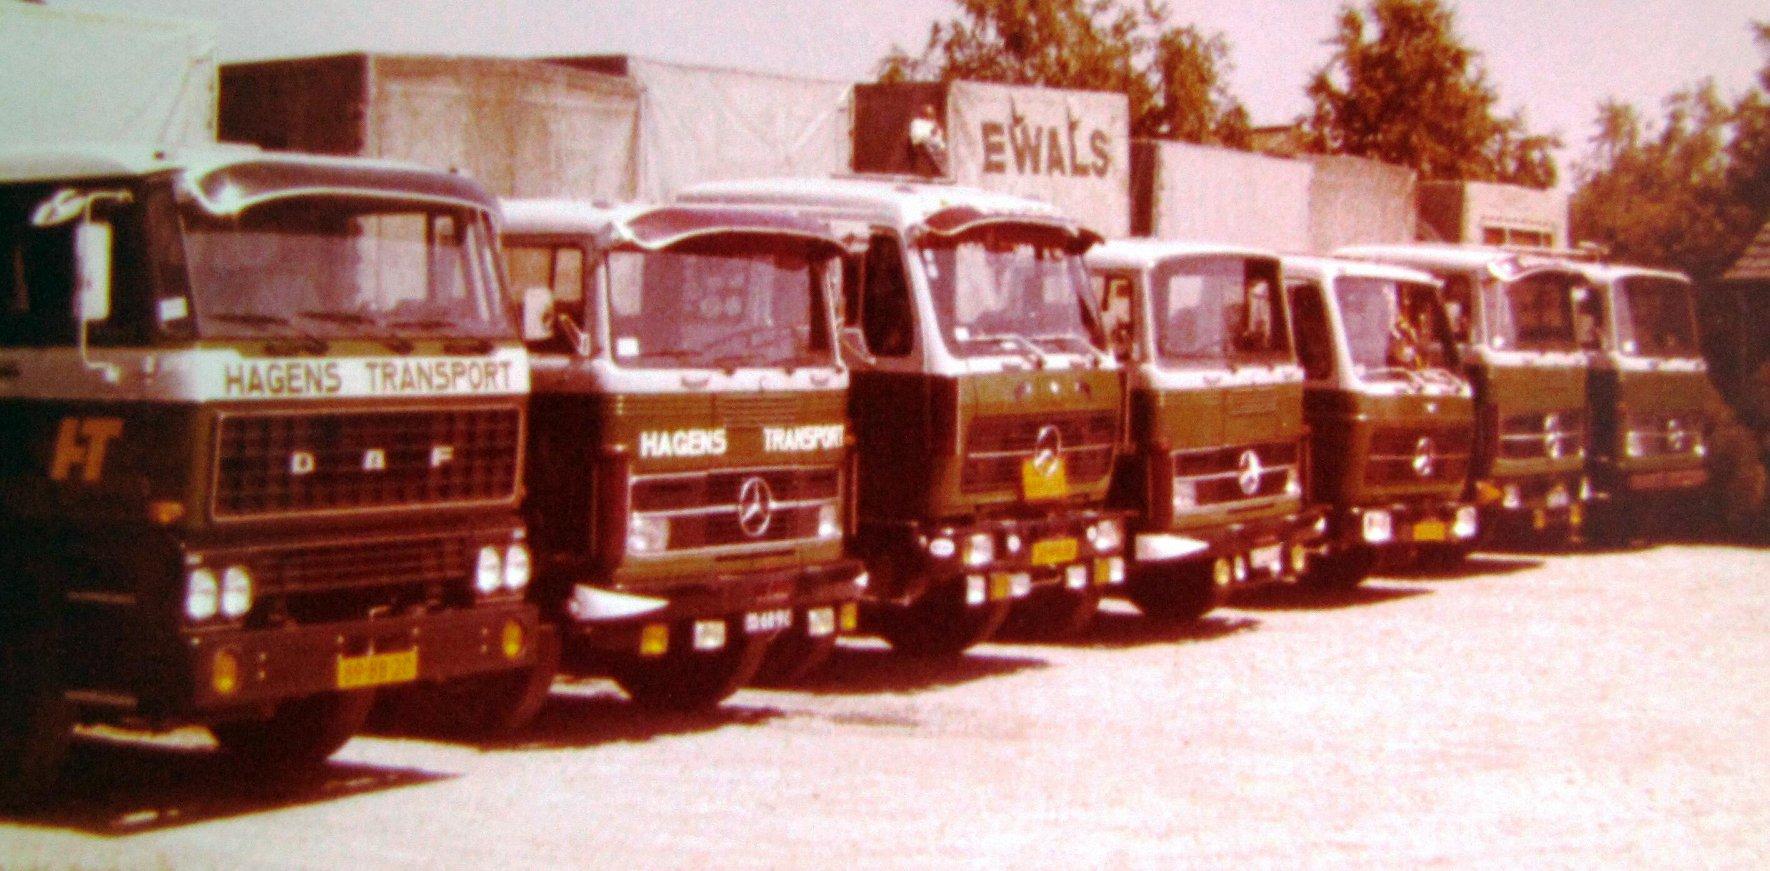 Hagens--wagenpark-1979